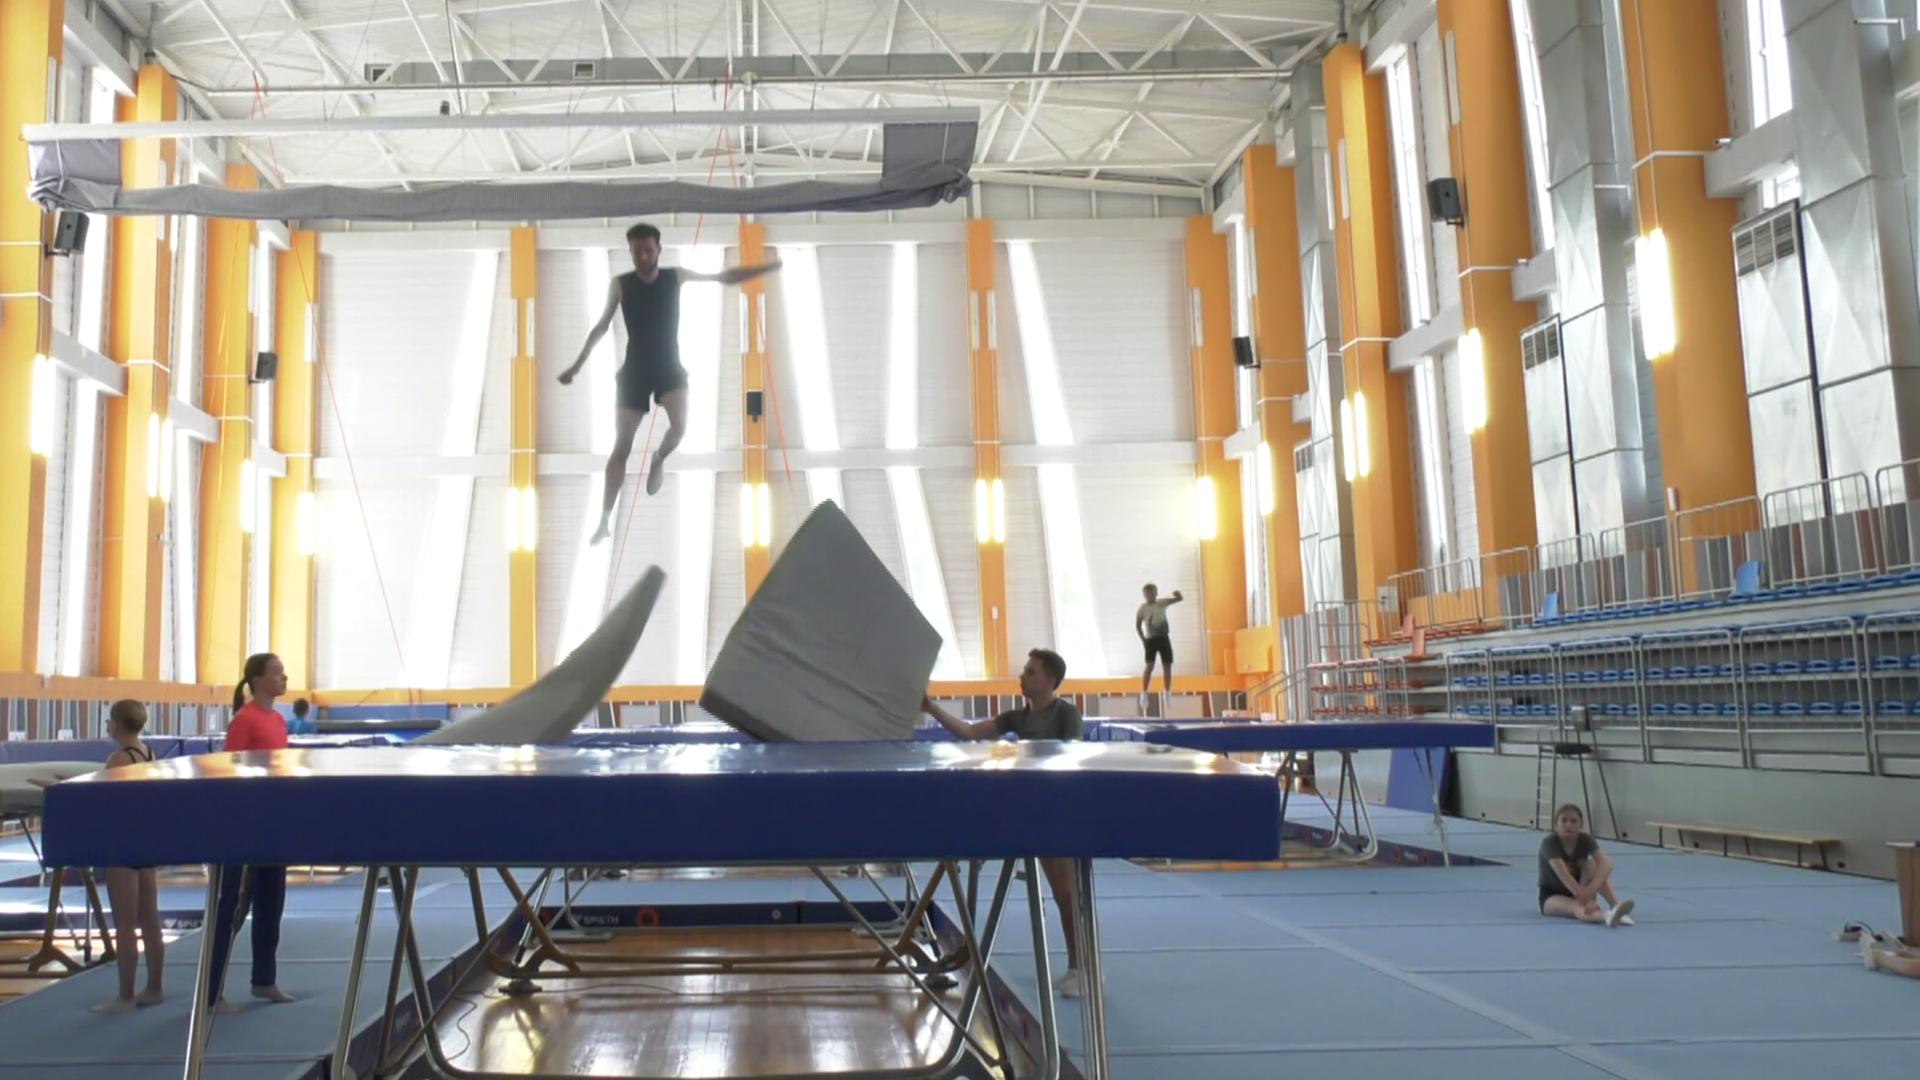 batutnyj centr - Действующие олимпийцы – будущим чемпионам (видео)